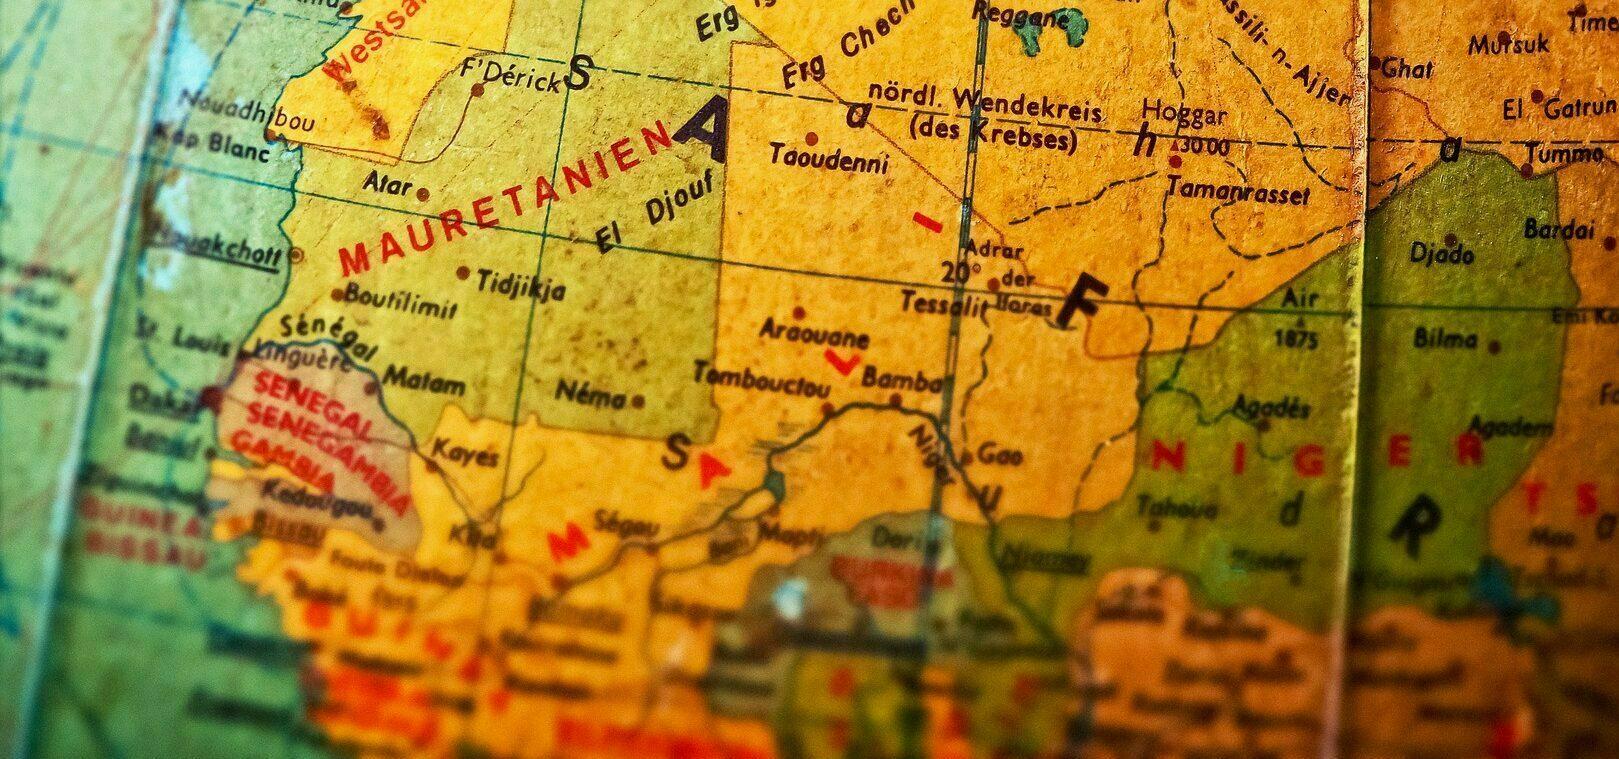 Foto de um mapa que traz em destaque países africanos.